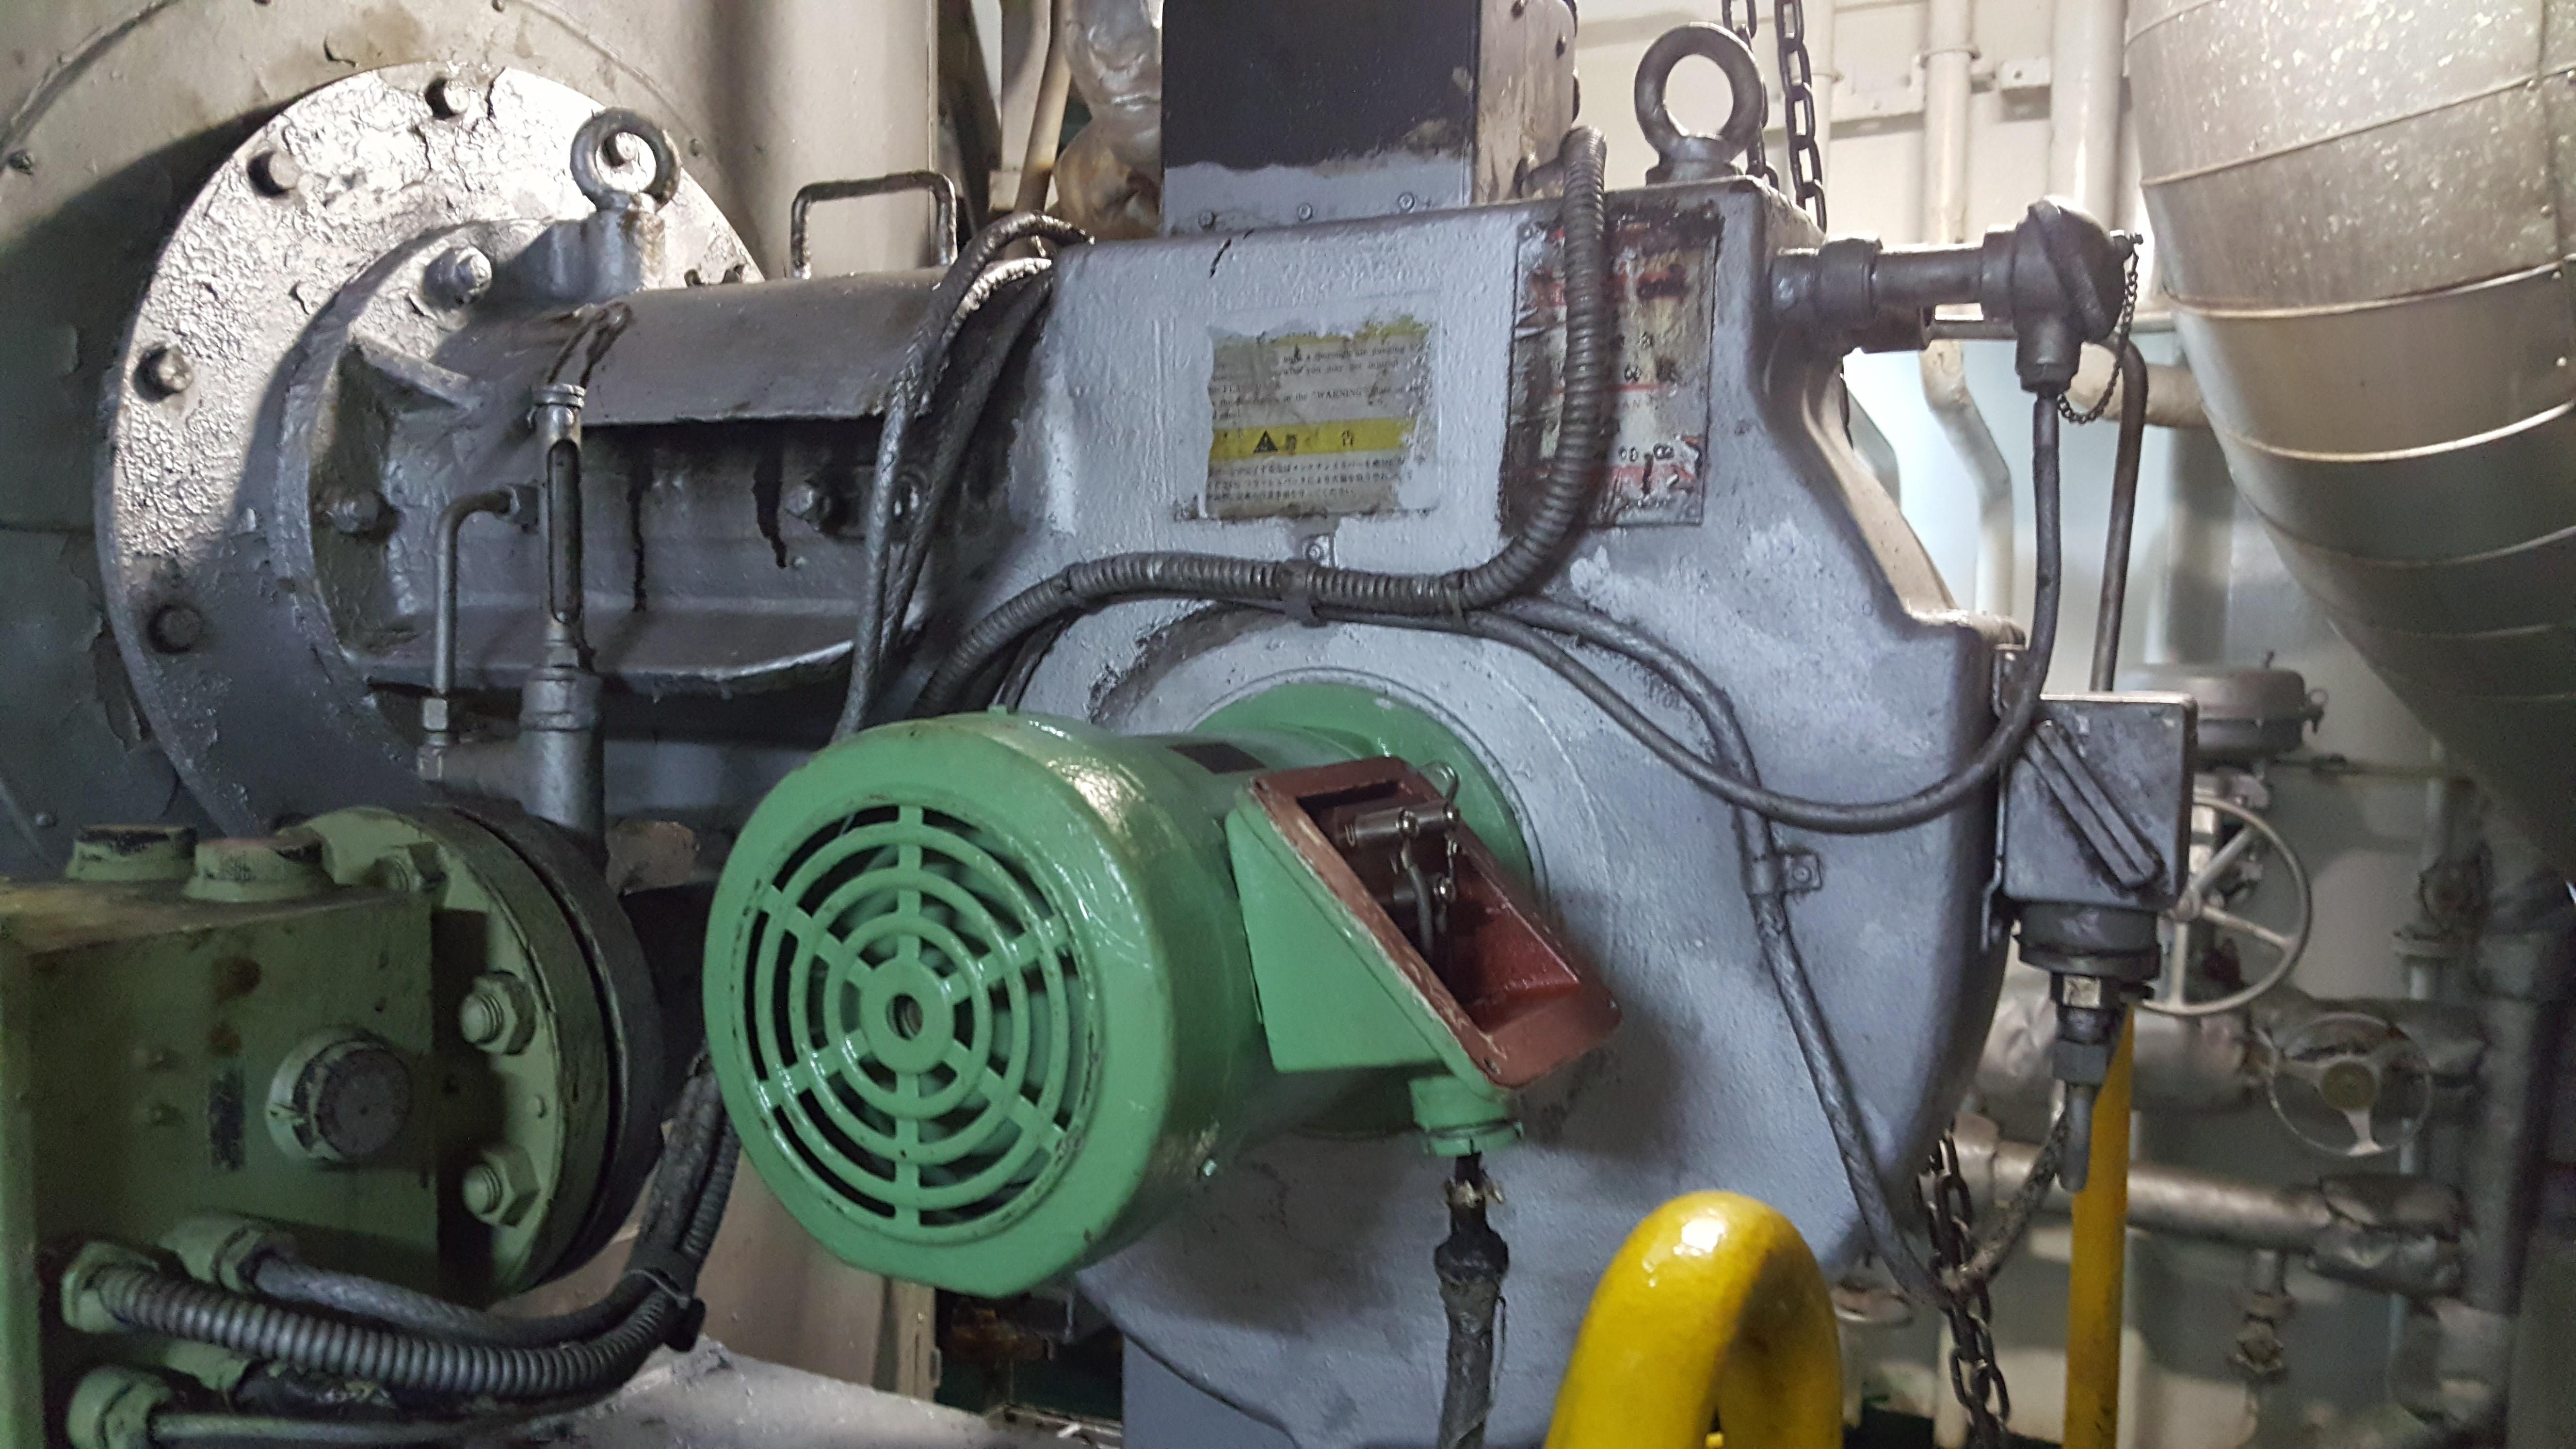 Boiler ventilation